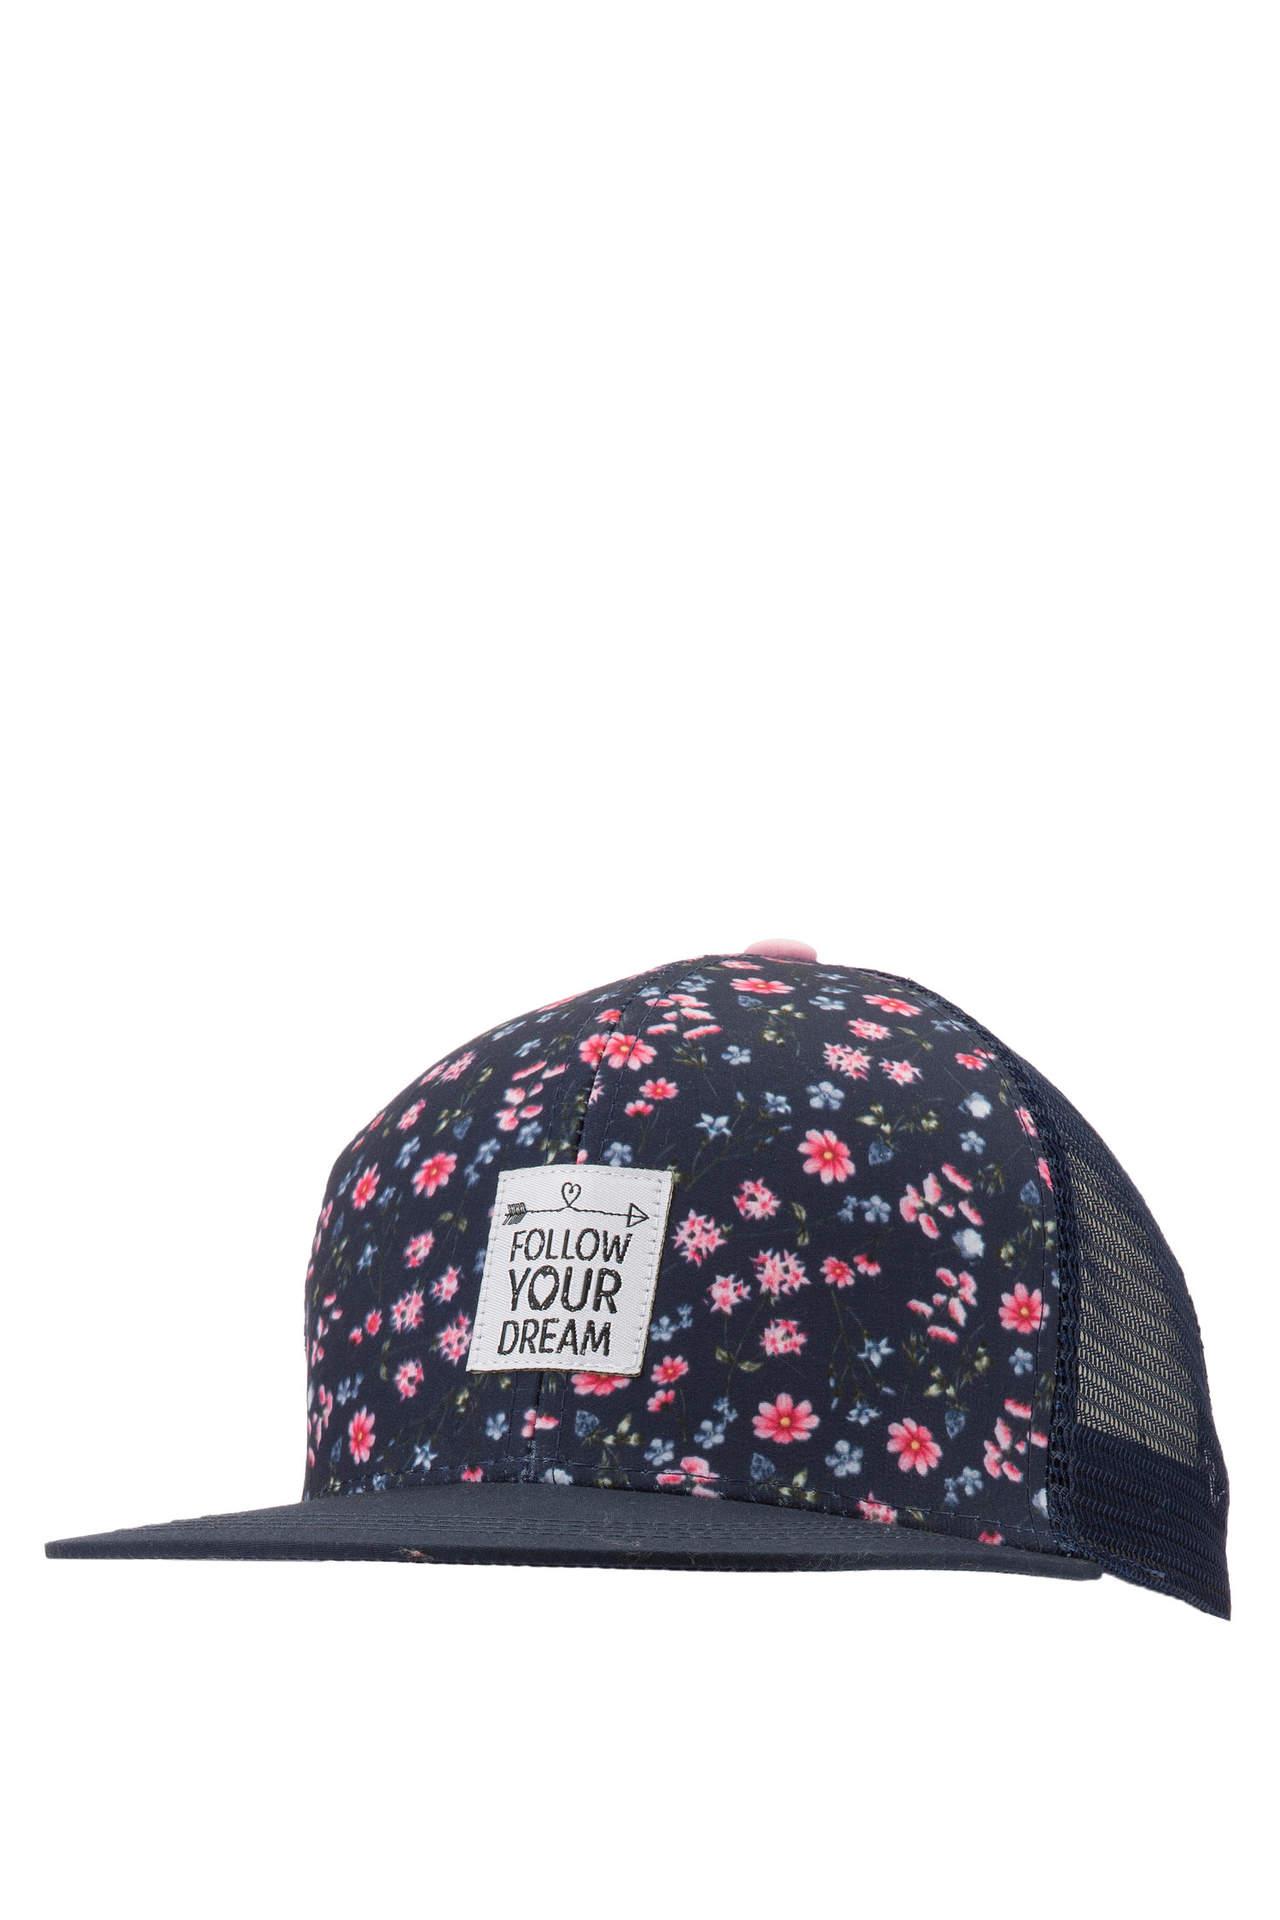 DeFacto Kız Çocuk Çiçek Desenli Şapka Lacivert female